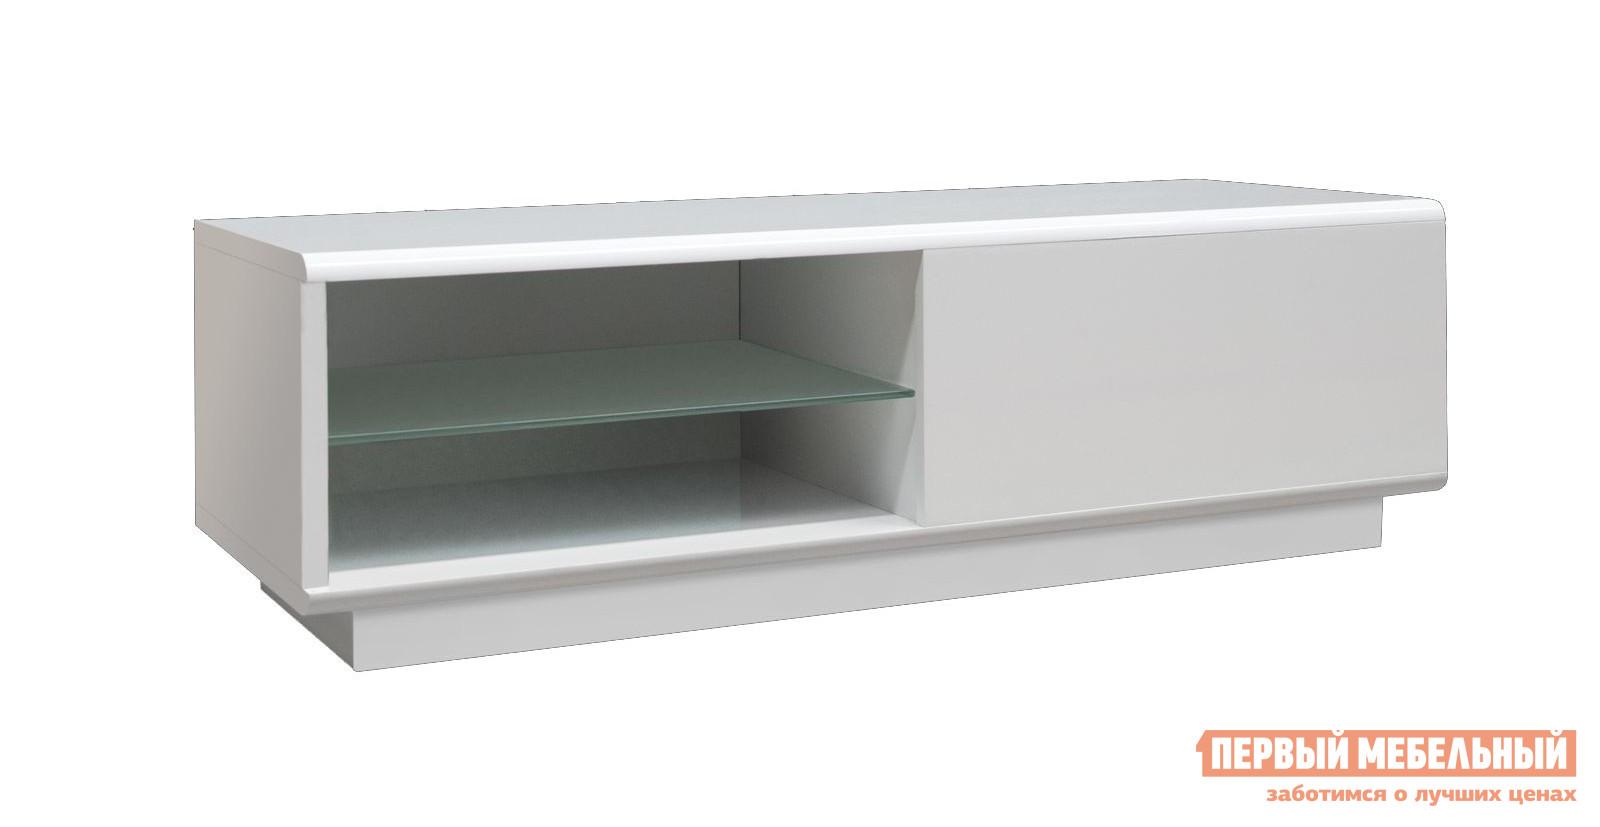 ТВ-тумба Akur Design Studio Decollo mini Белый глянецТВ-тумбы<br>Габаритные размеры ВхШхГ 370x1206x440 мм. Стильная тумба прекрасно дополнит интерьер в стиле хай-тек или минимализм.  Модель оснащена выдвижным ящиком, который открывается с помощью легкого нажатия на фасад. Размер ящика составляет (ВхШхГ): 255х570х350 мм. Также тумба оснащена двумя отделениями (ВхШхГ): 122х570х420 мм со стеклянной полкой толщиной 8 мм посередине. Максимальная нагрузка на тумбу — 60 кг. Обратите внимание! Данная тумба представлена только в правой ориентации, то есть ящик справа, а полки слева.<br><br>Цвет: Белый глянец<br>Цвет: Белый<br>Высота мм: 370<br>Ширина мм: 1206<br>Глубина мм: 440<br>Форма поставки: В разобранном виде<br>Срок гарантии: 10 лет<br>Материал: Деревянные, Стеклянные, из МДФ<br>Размер: Маленькие<br>Особенности: Глянцевые